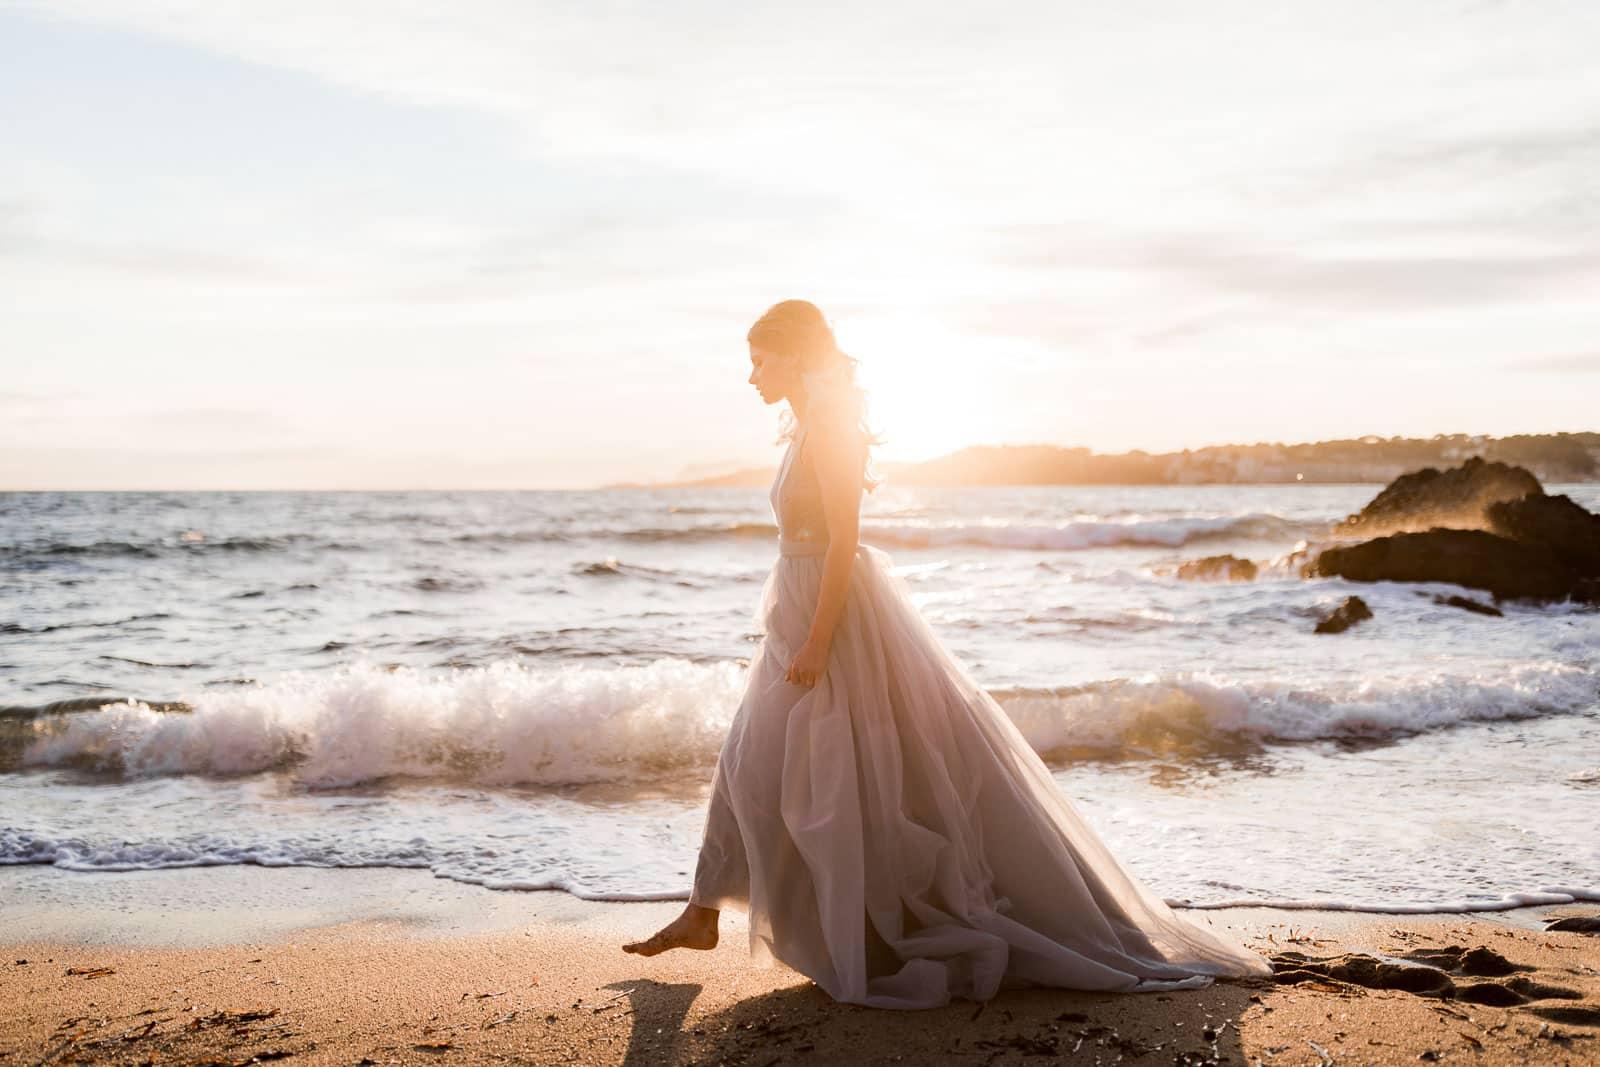 Photographie de Mathieu Dété, photographe de mariage et couple à Saint-Denis de la Réunion (974), présentant un portrait de la mariée qui marche sur la plage au coucher de soleil en bord de mer